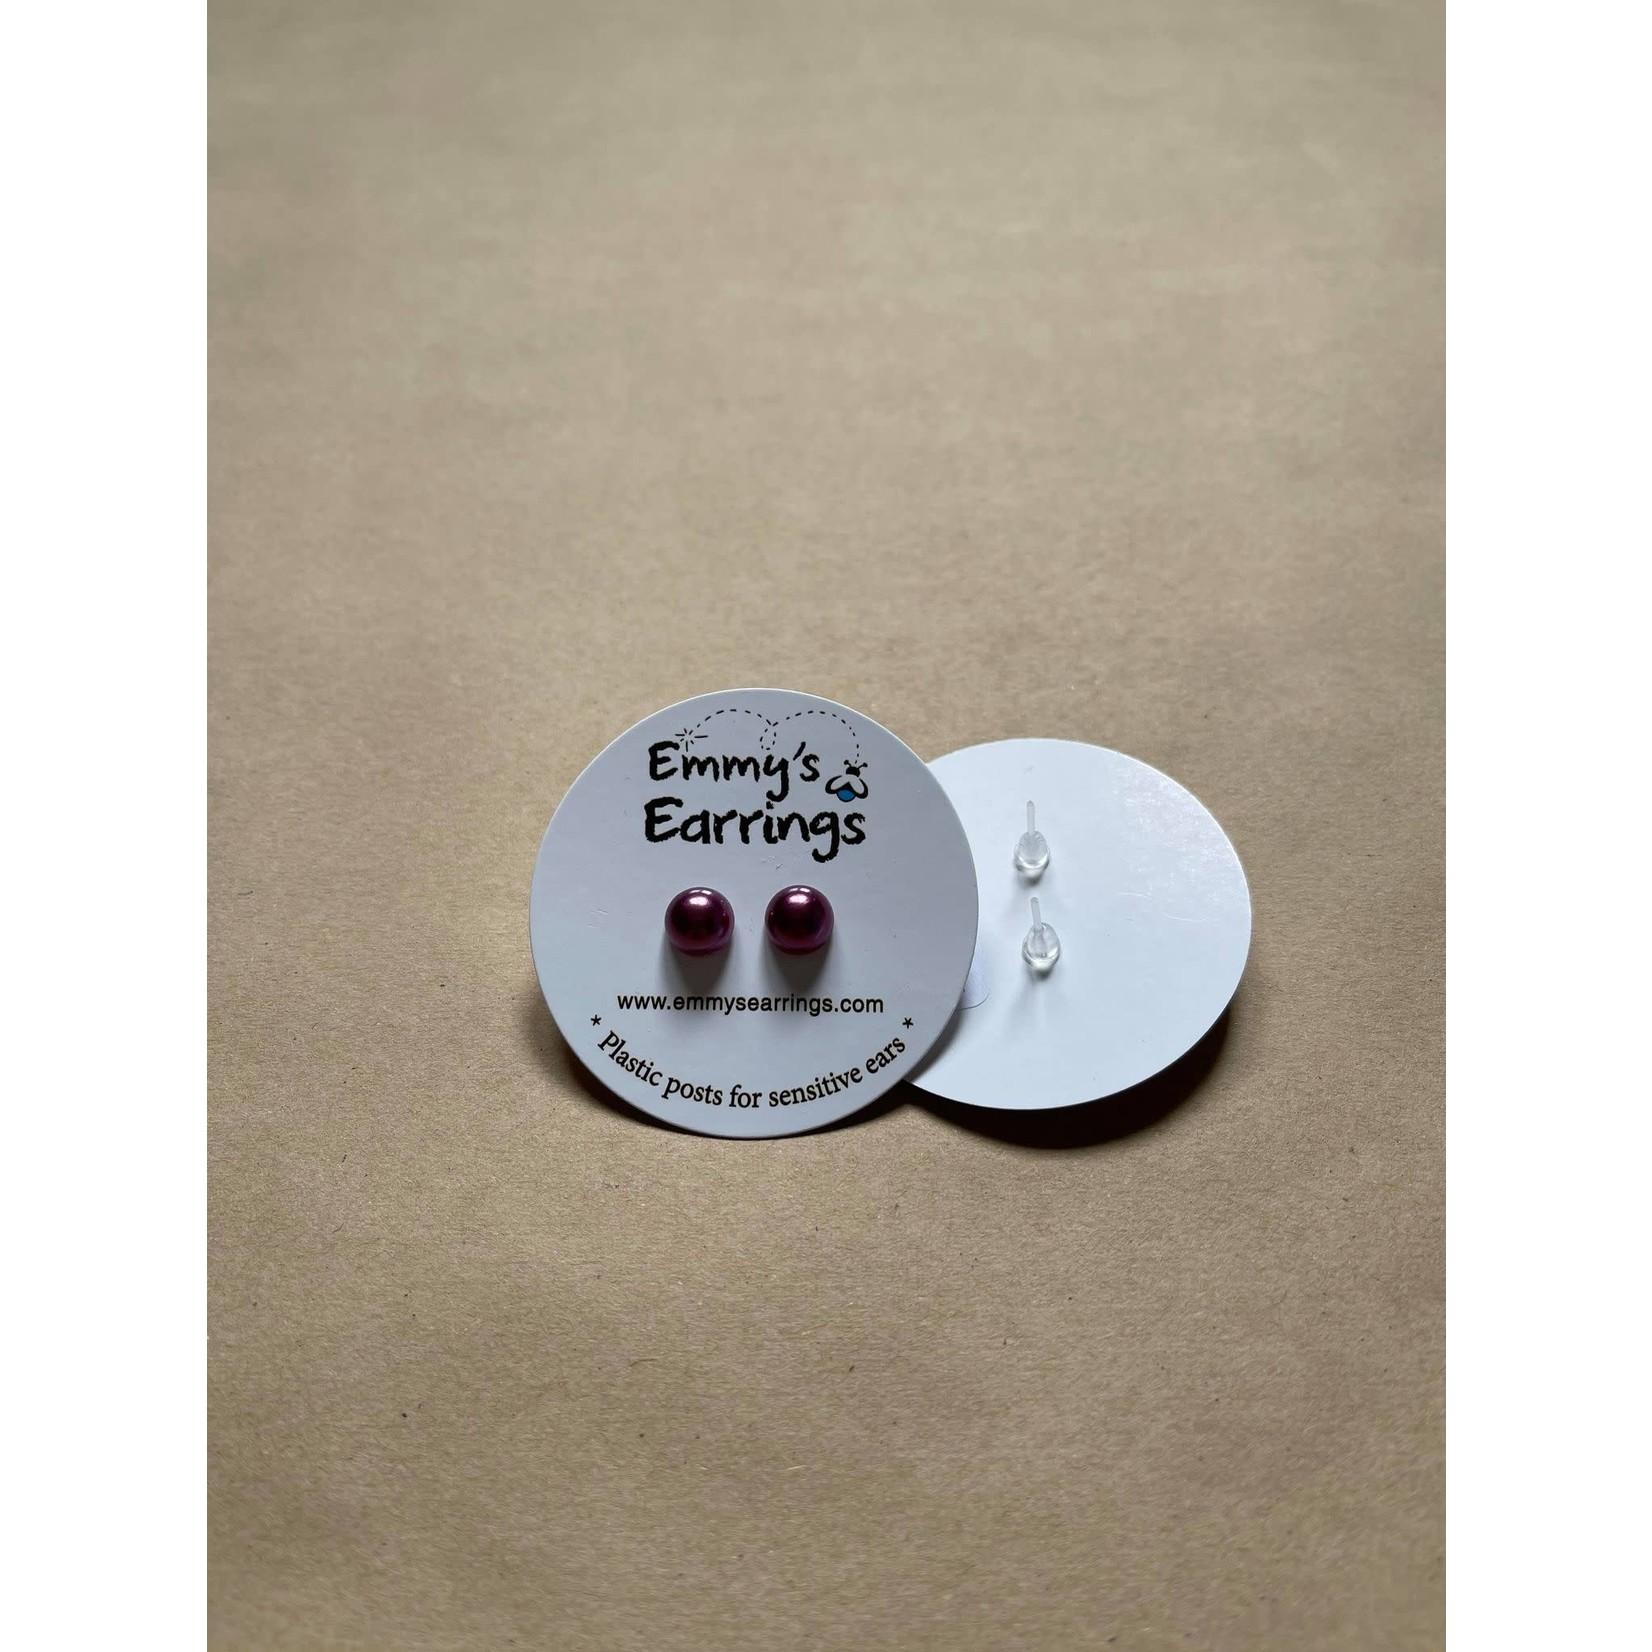 Emmy's Earrings Purple pearl Emmy's earrings